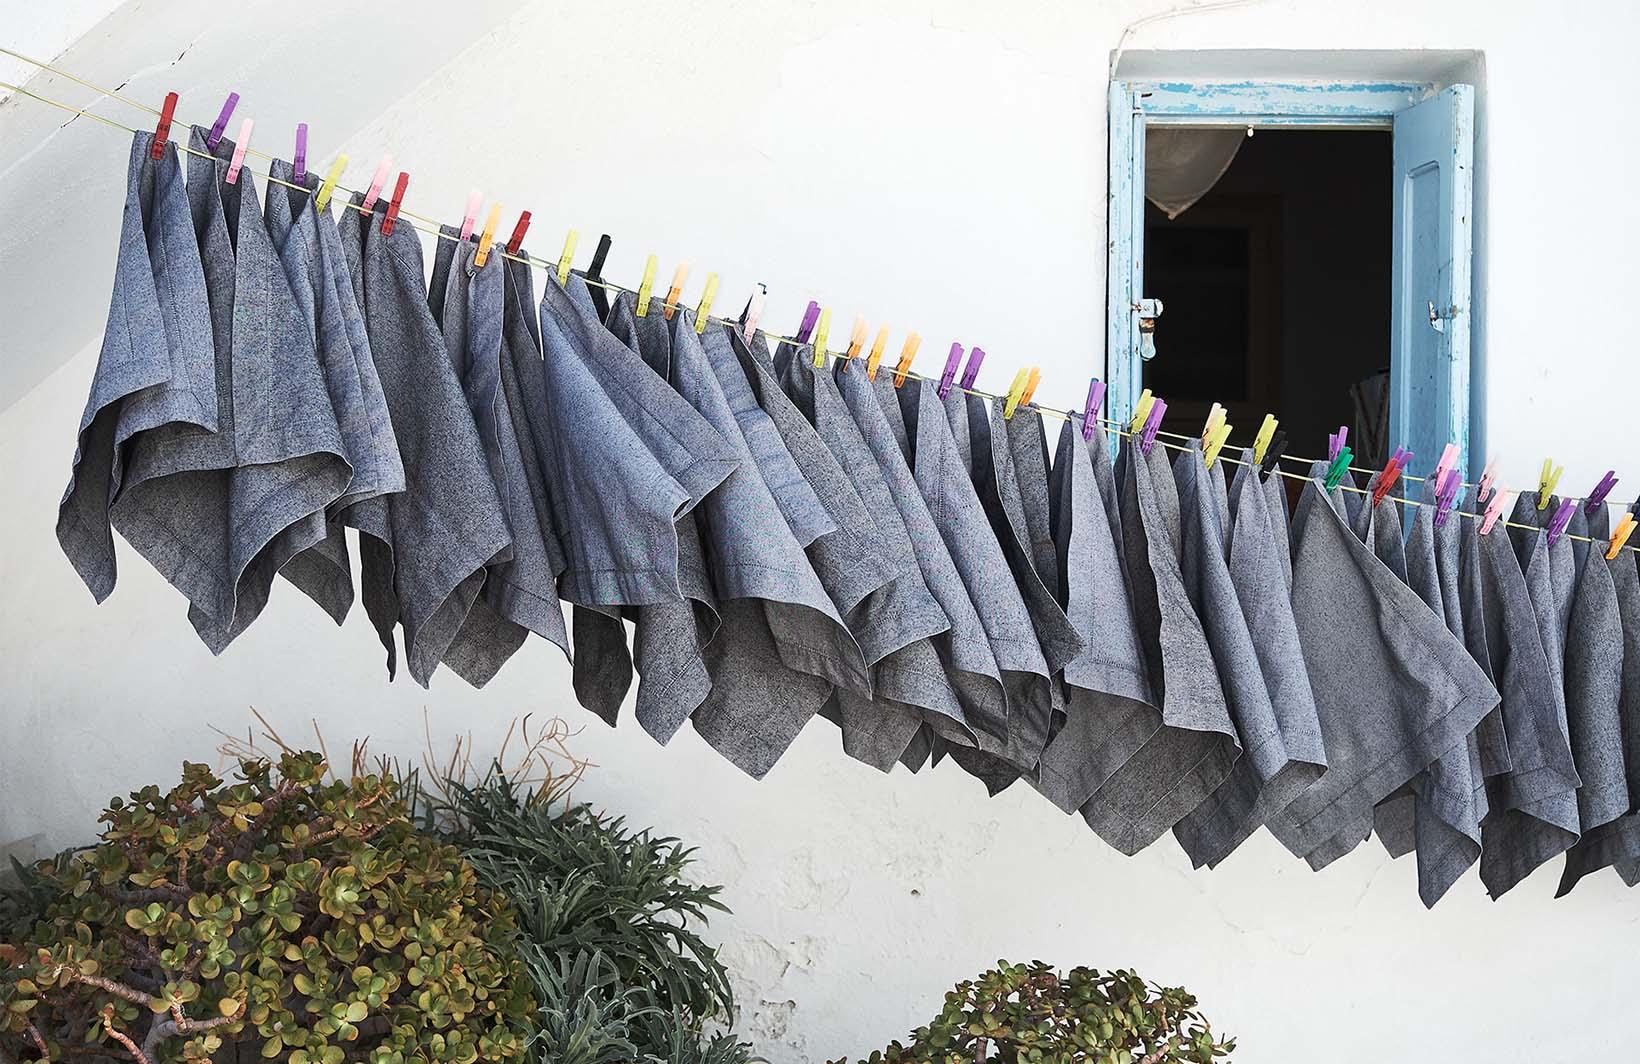 Колоритные фотообои с открытым окном и сохнущим бельем на веревке Узоры на Стене